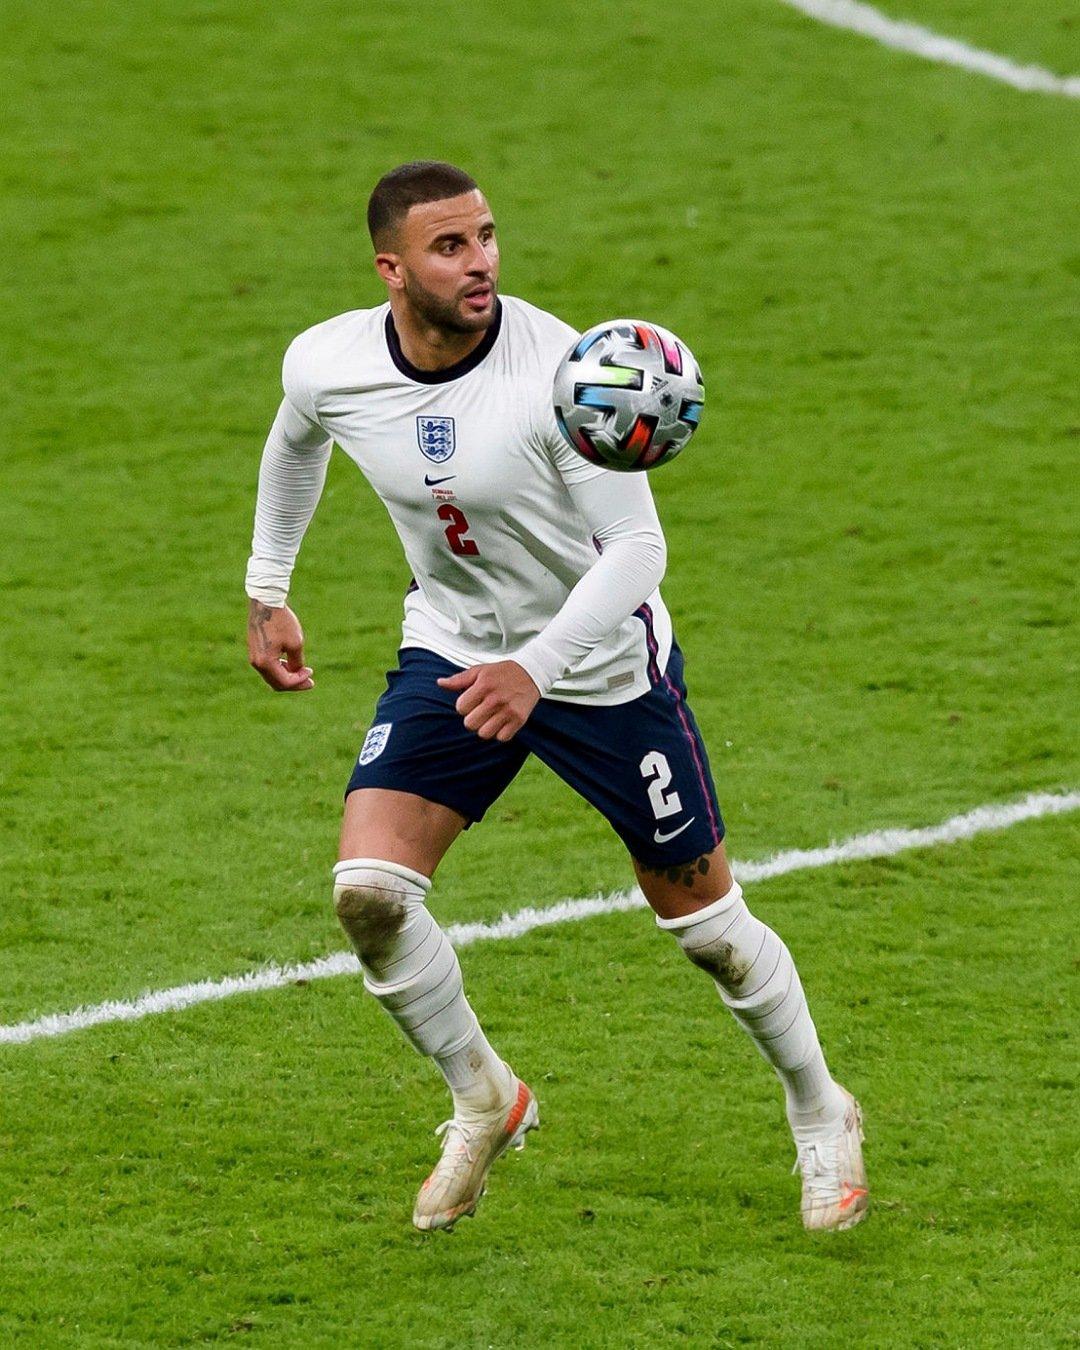 Chấm điểm cầu thủ Anh vs Đan Mạch: Maguire và Sterling tỏa sáng rực rỡ - Ảnh 2.